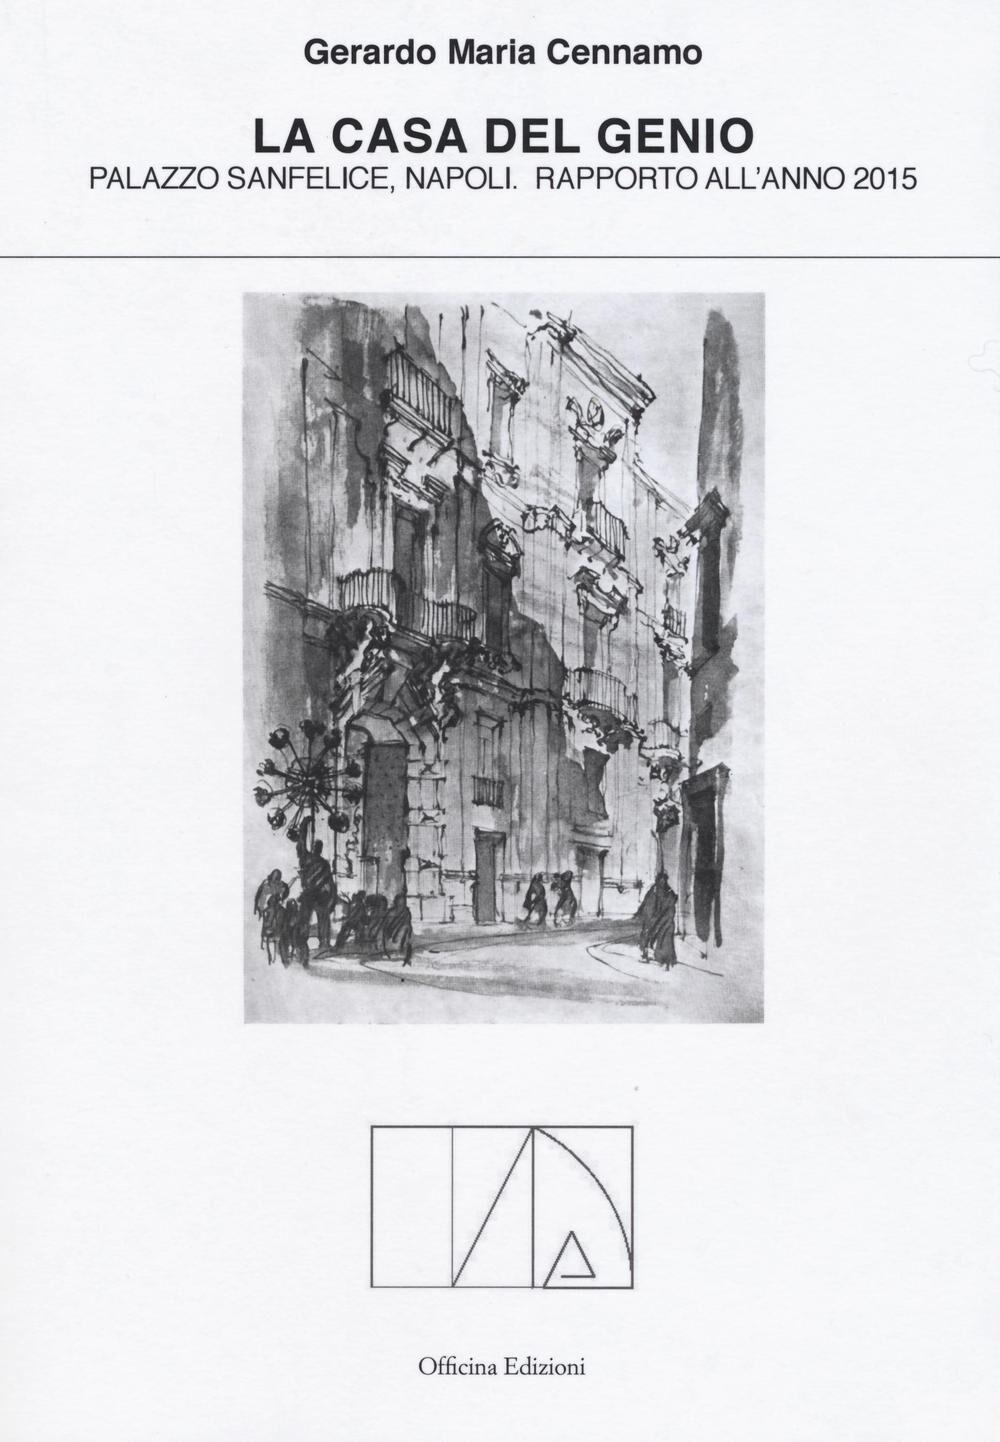 La casa del genio. Palazzo Sanfelice, Napoli. Rapporto dell'anno 2015